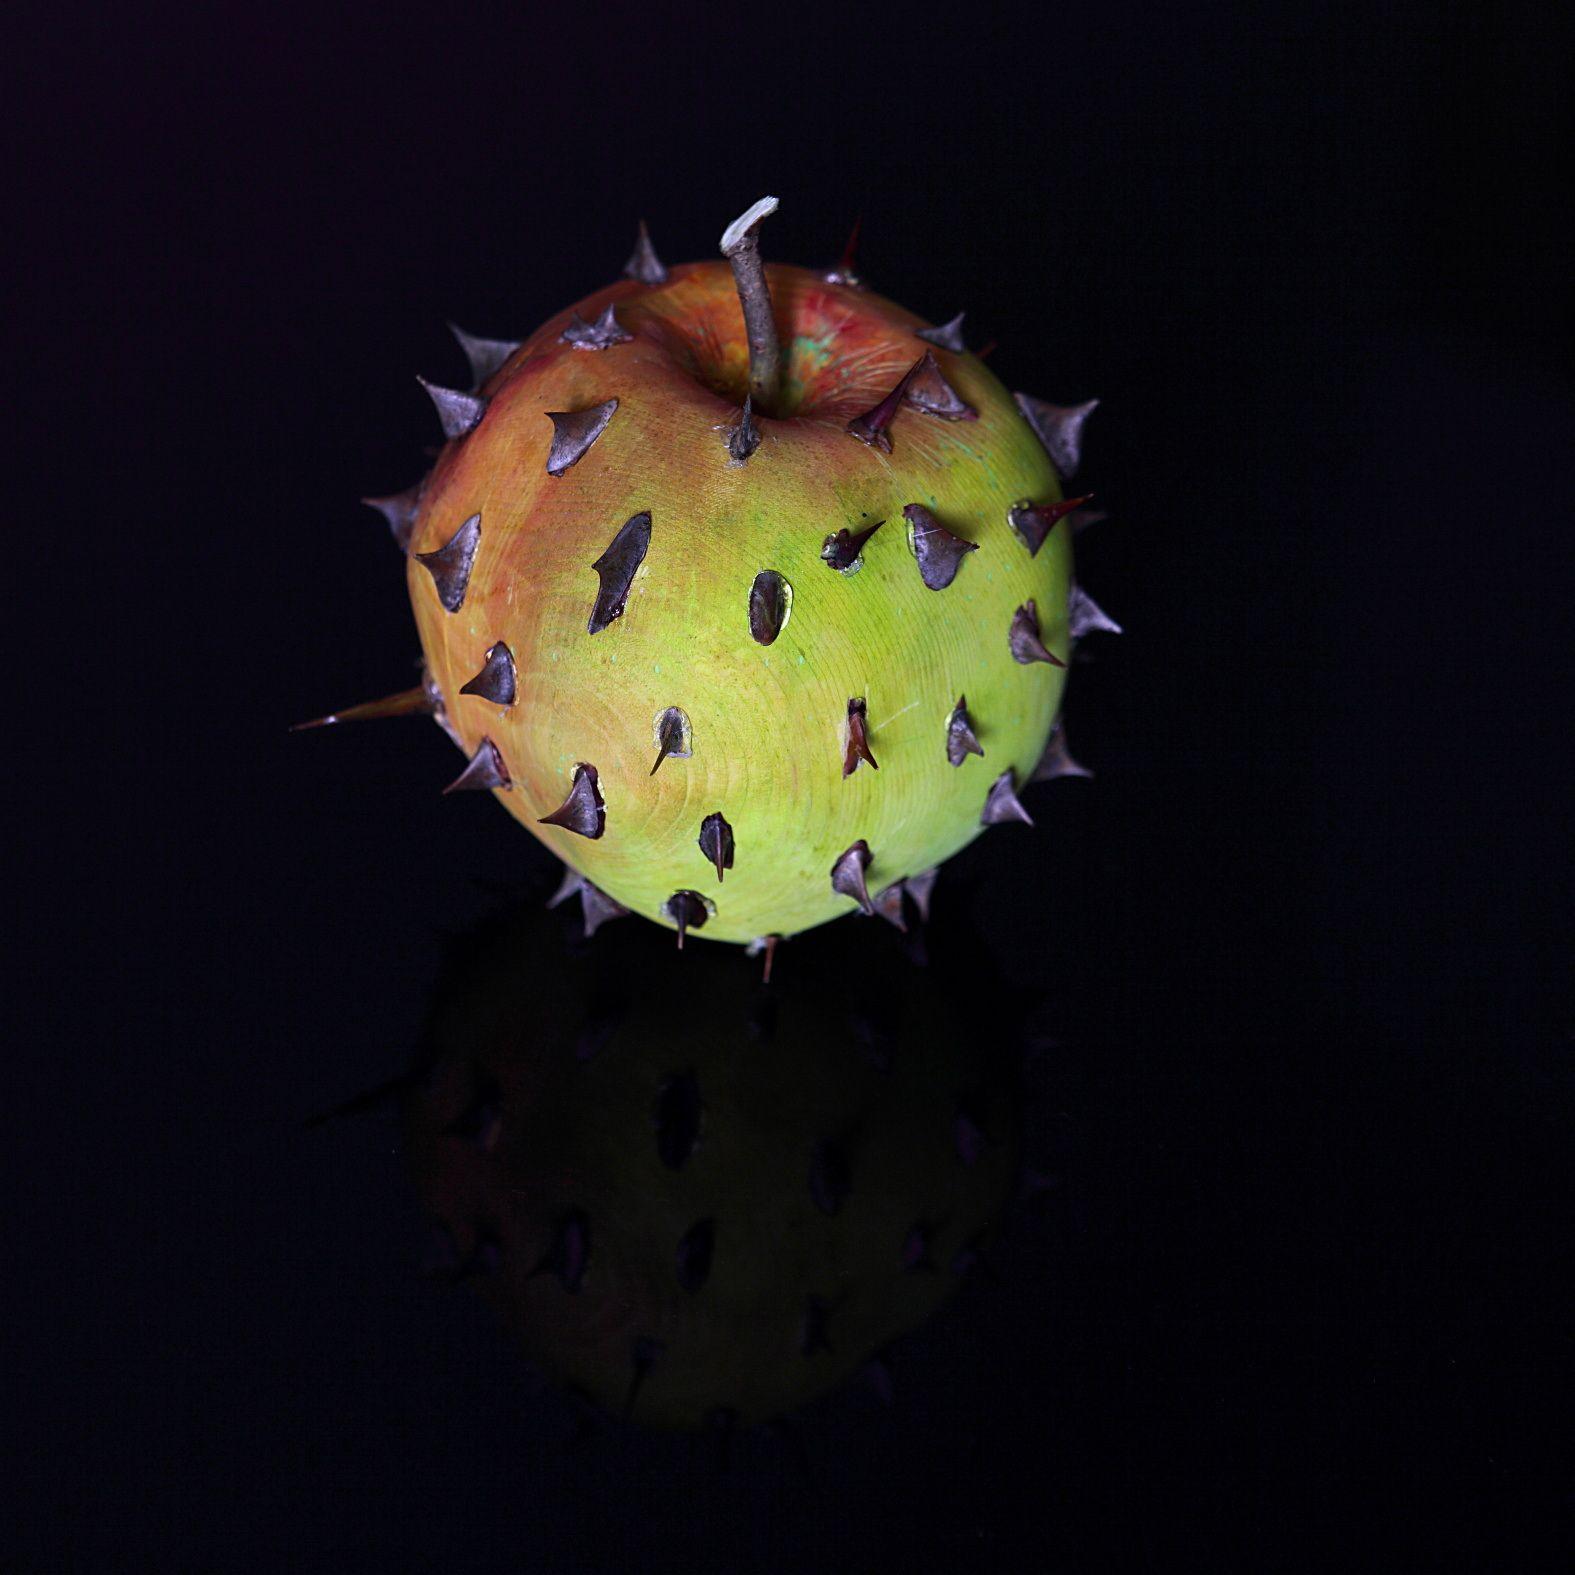 forbidden fruit marco nones 2